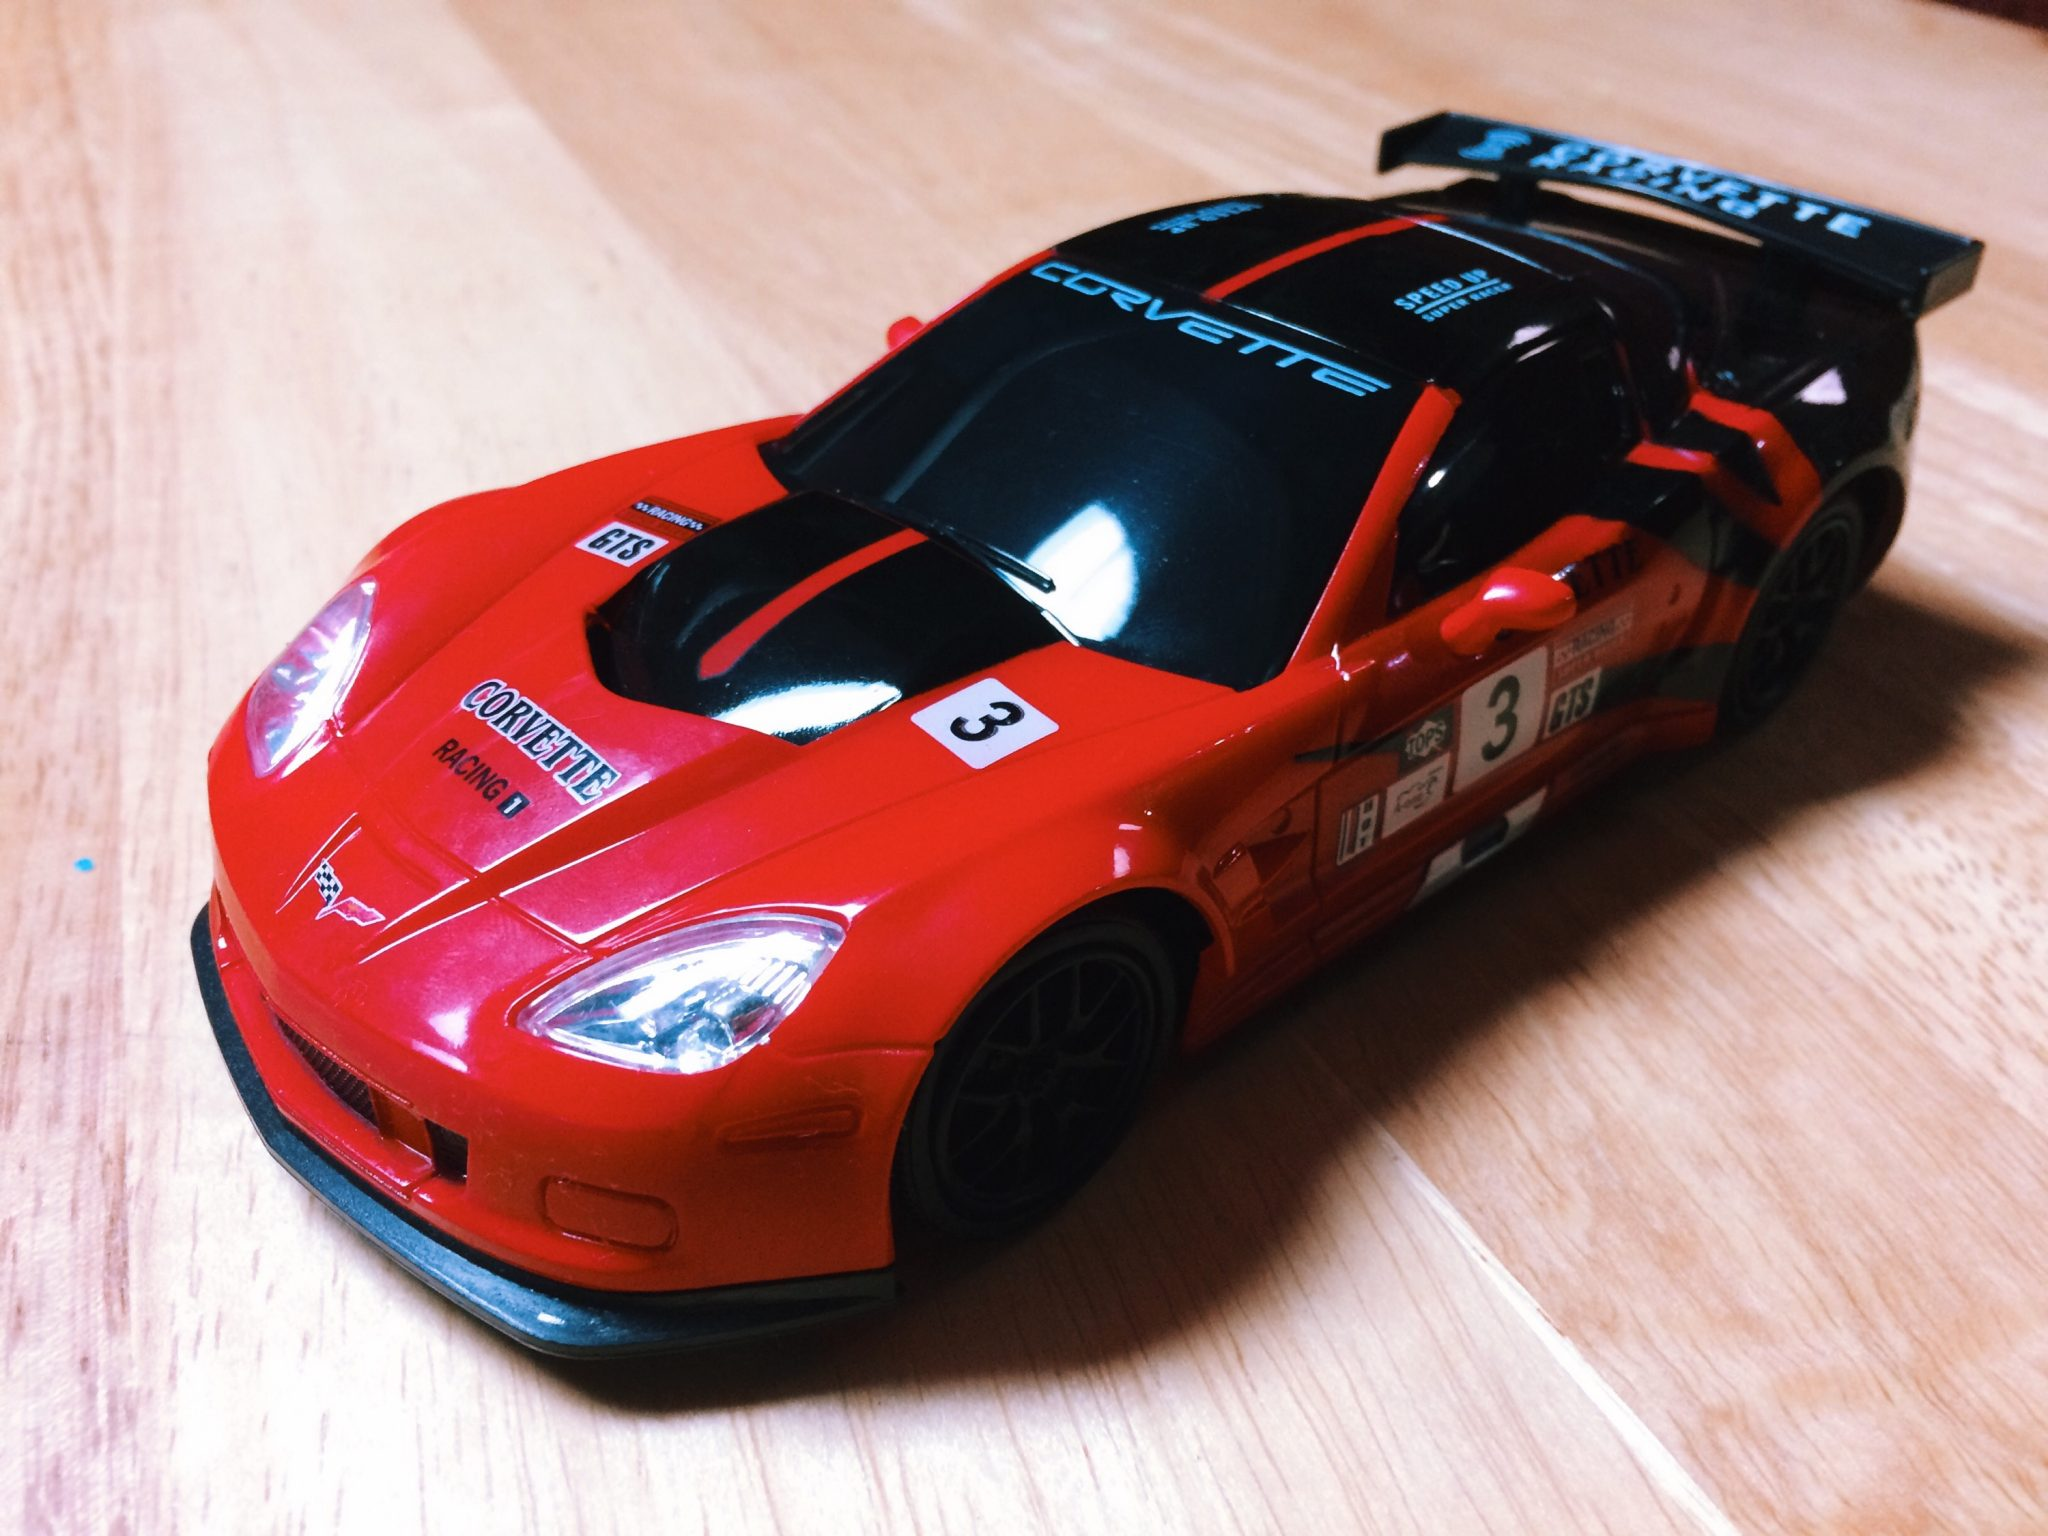 Unboxing: Lollipop Toys 1/24-scale Corvette CR6 [Video]